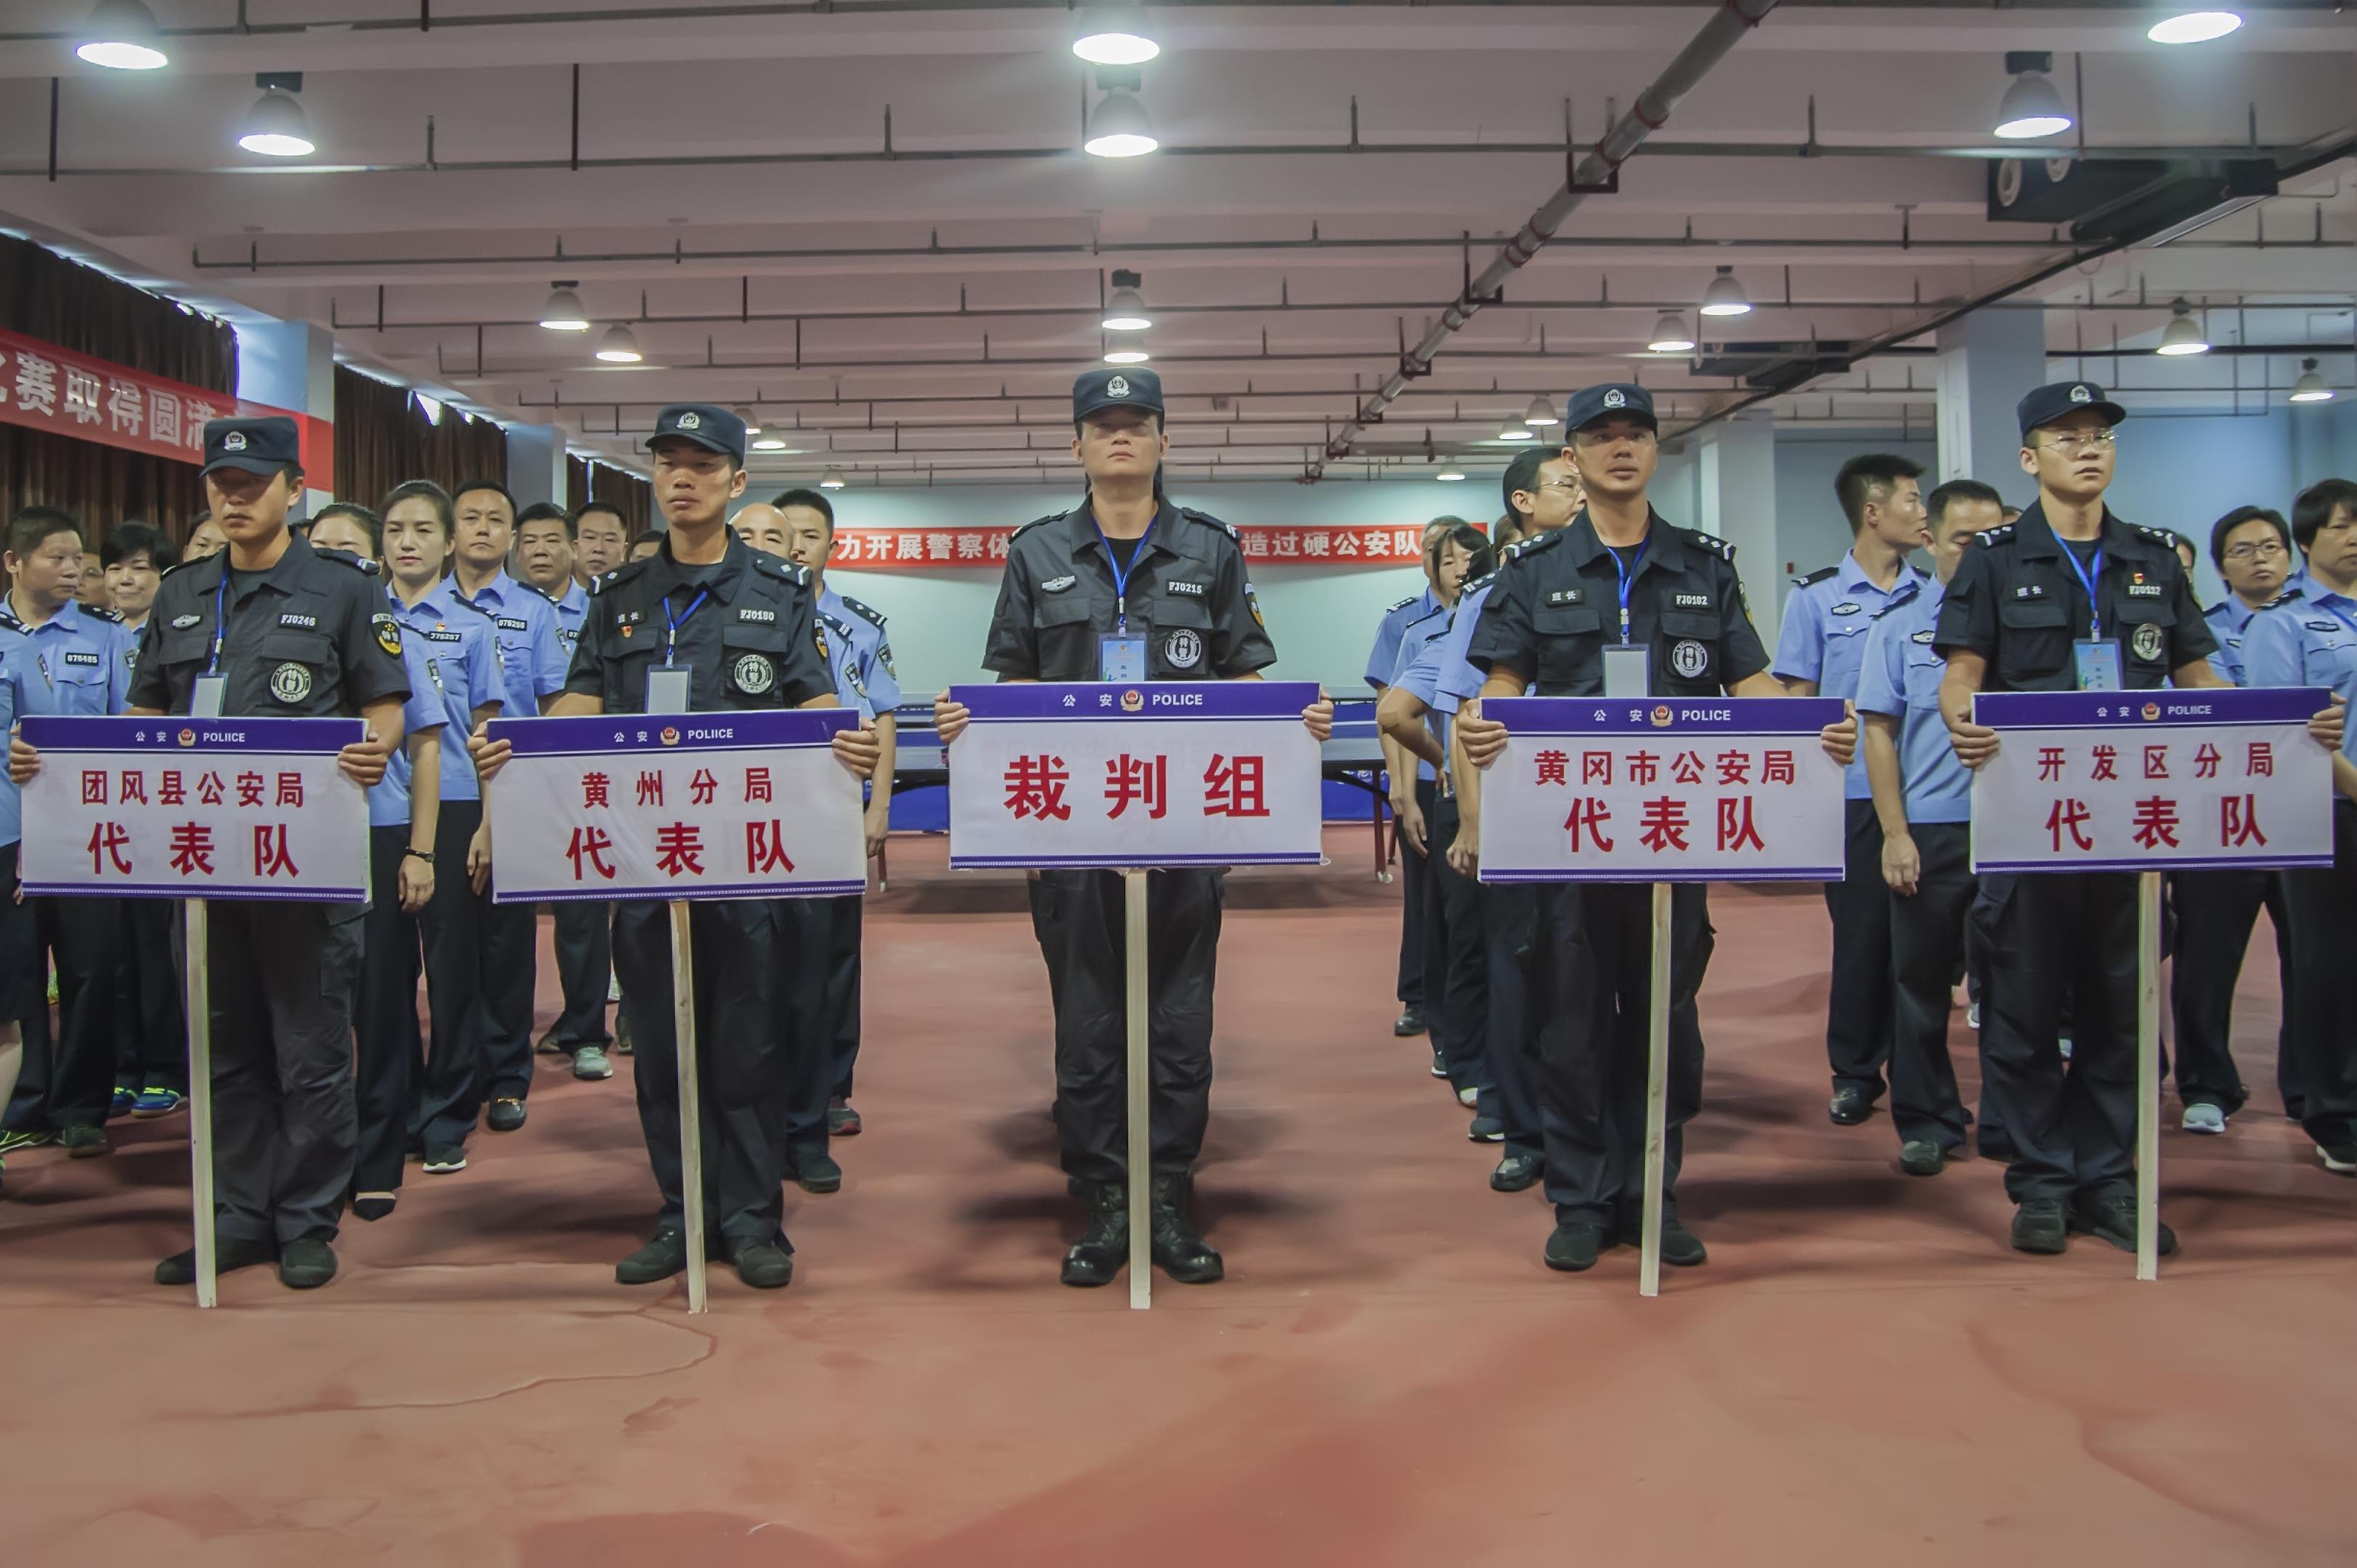 [热文]2019年黄冈市公安机关乒乓球比赛在黄州举行